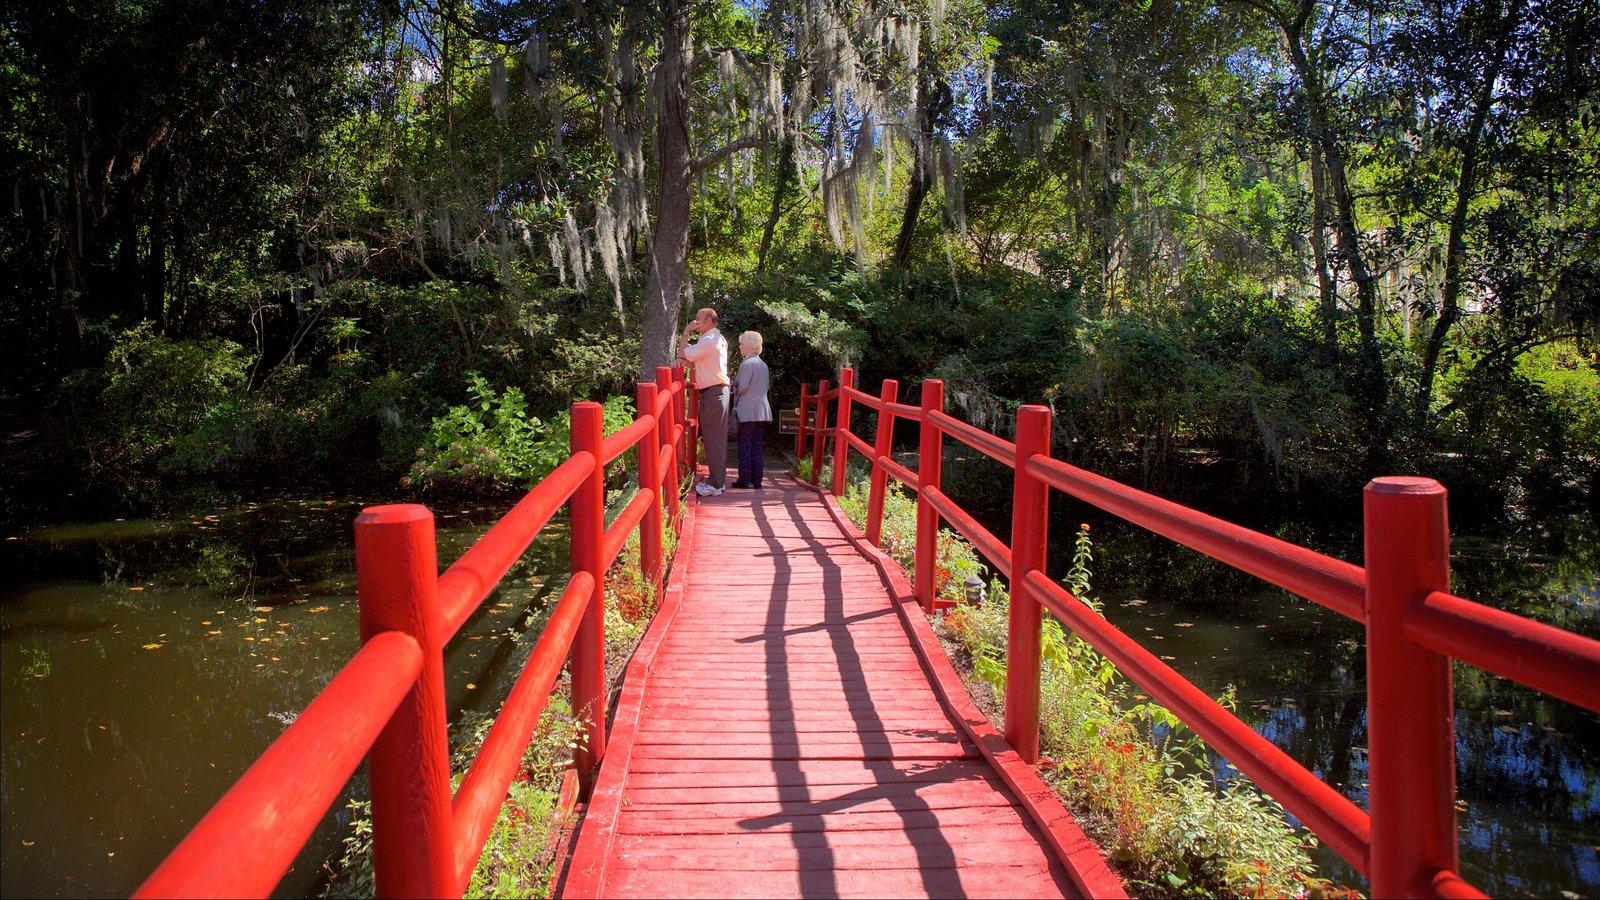 Magnolia Plantation and Gardens mostrando um rio ou córrego e uma ponte assim como um casal